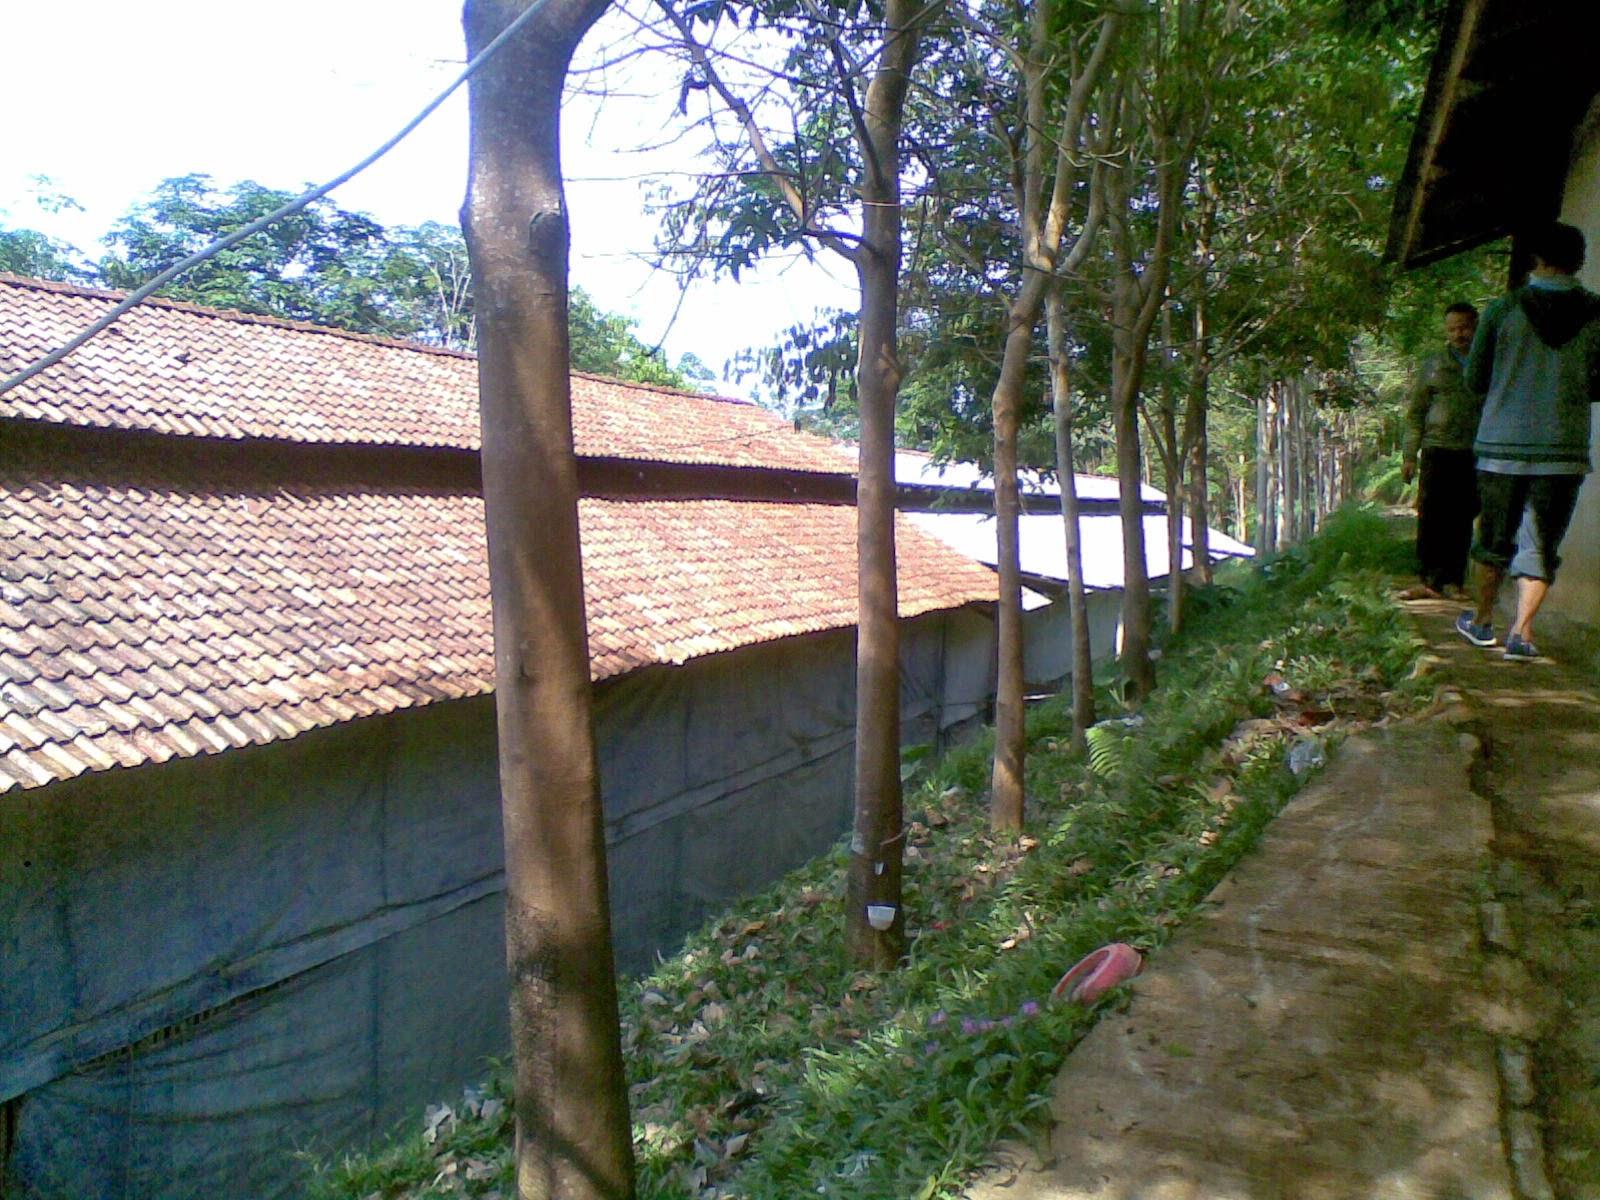 09082014(007) Jual tanah luas 5 Ha, kebun karet yang sudah panen jual tanah di sukaresmi